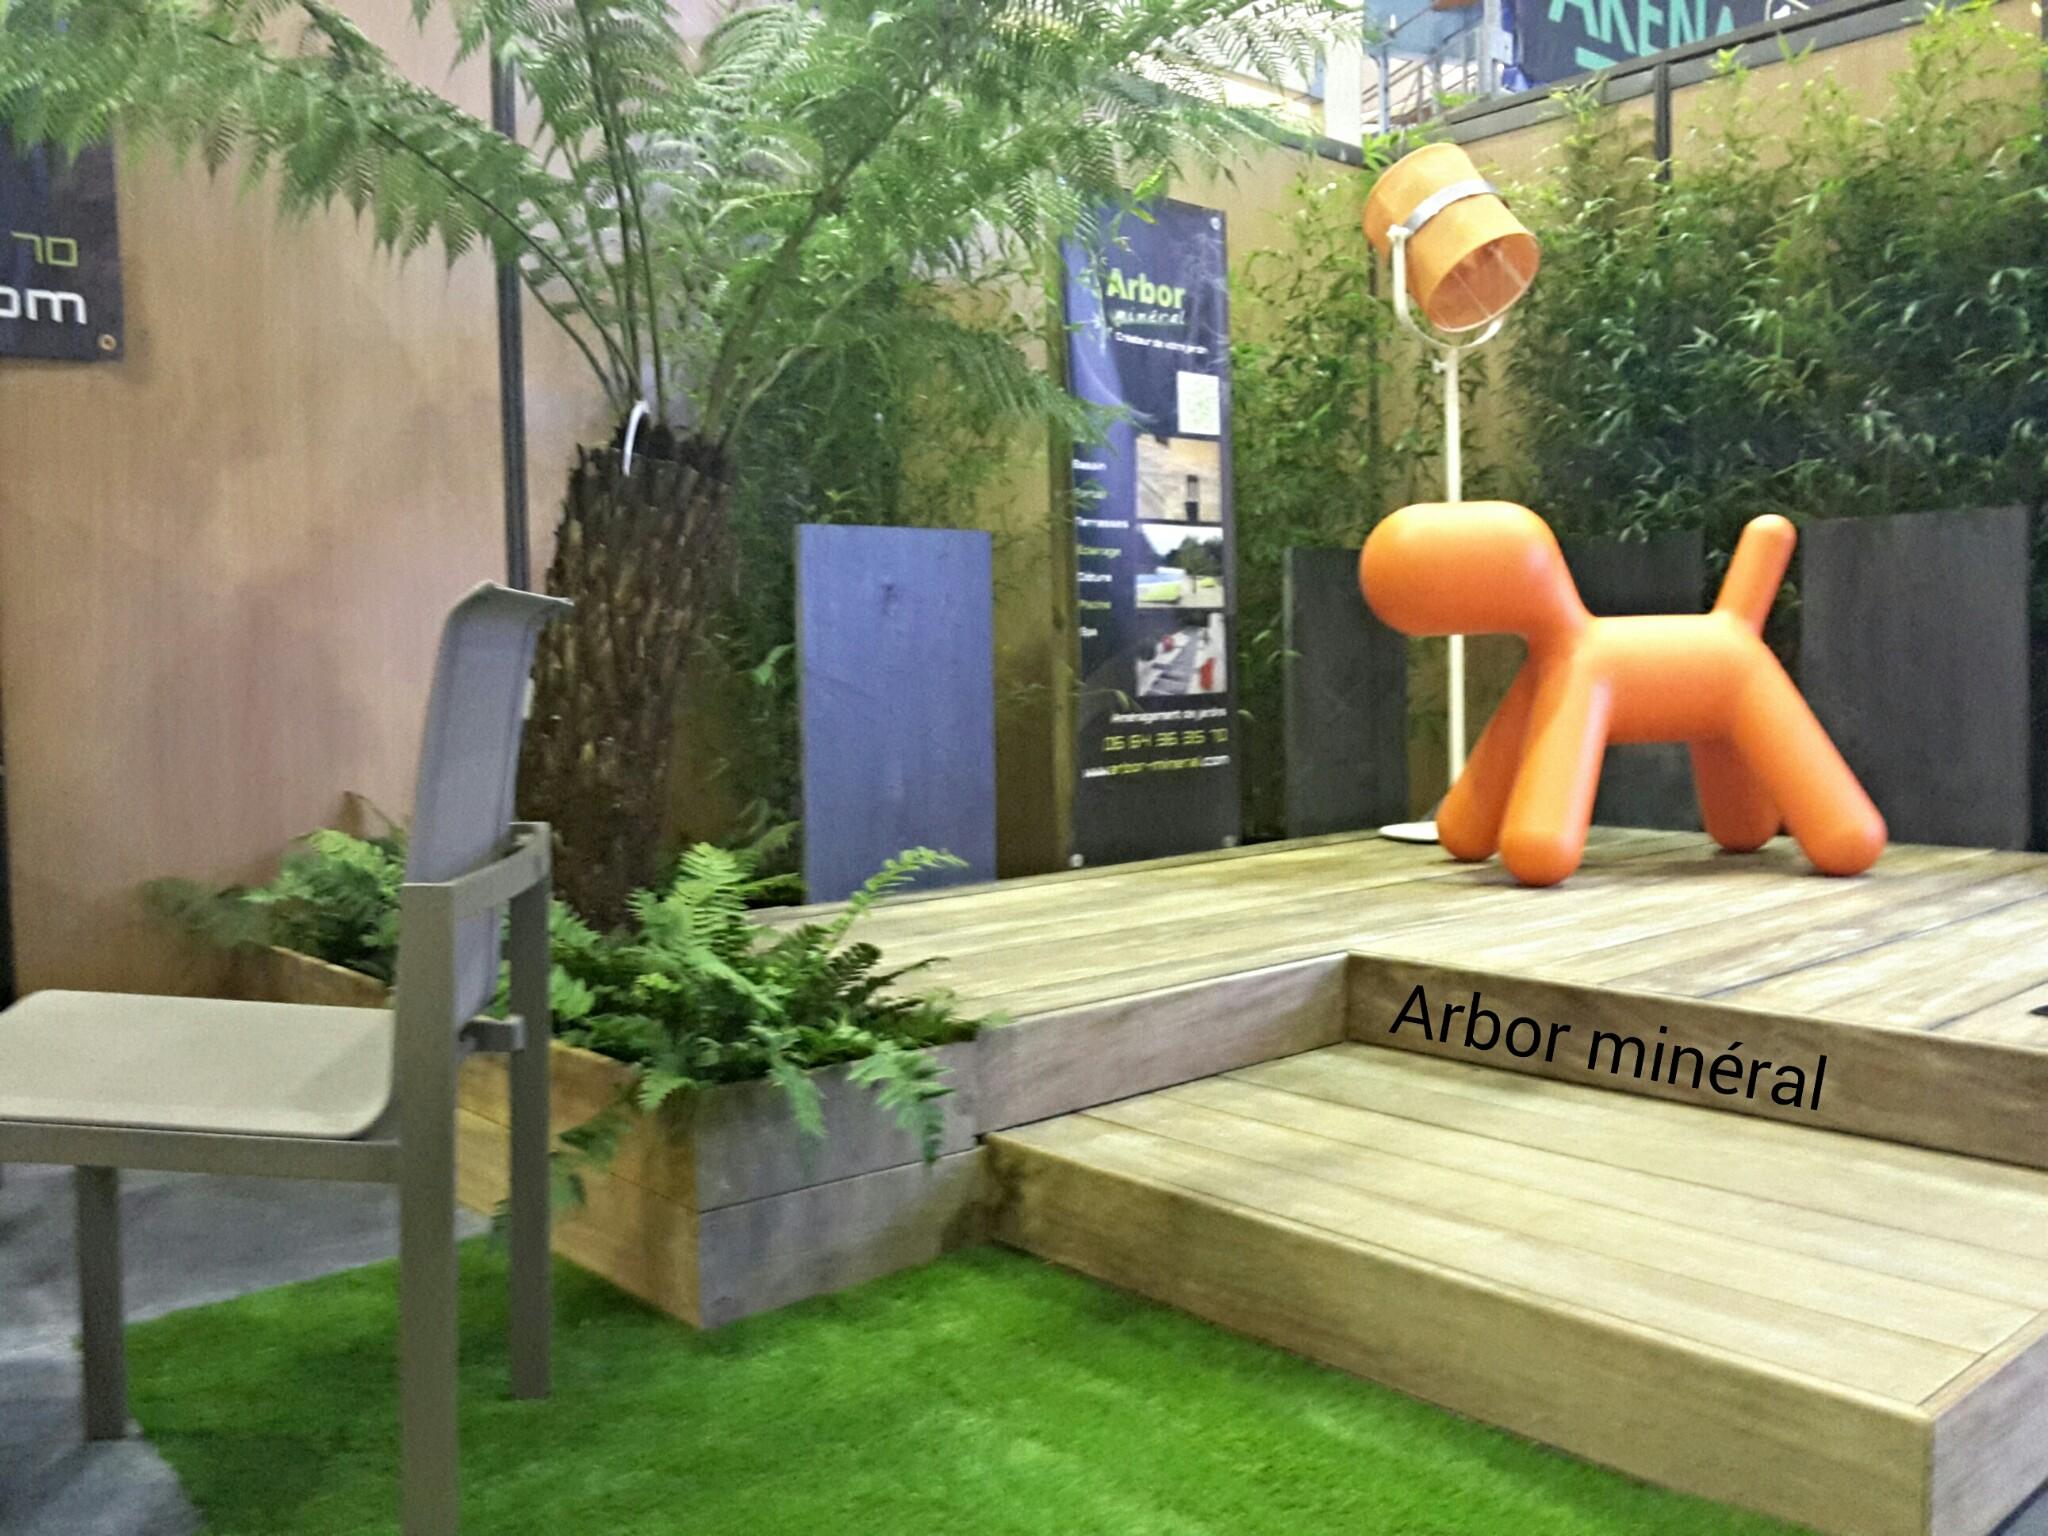 Salon de l 39 habitat vannes 2015 paysagiste arbor for Amenagement stand foire exposition